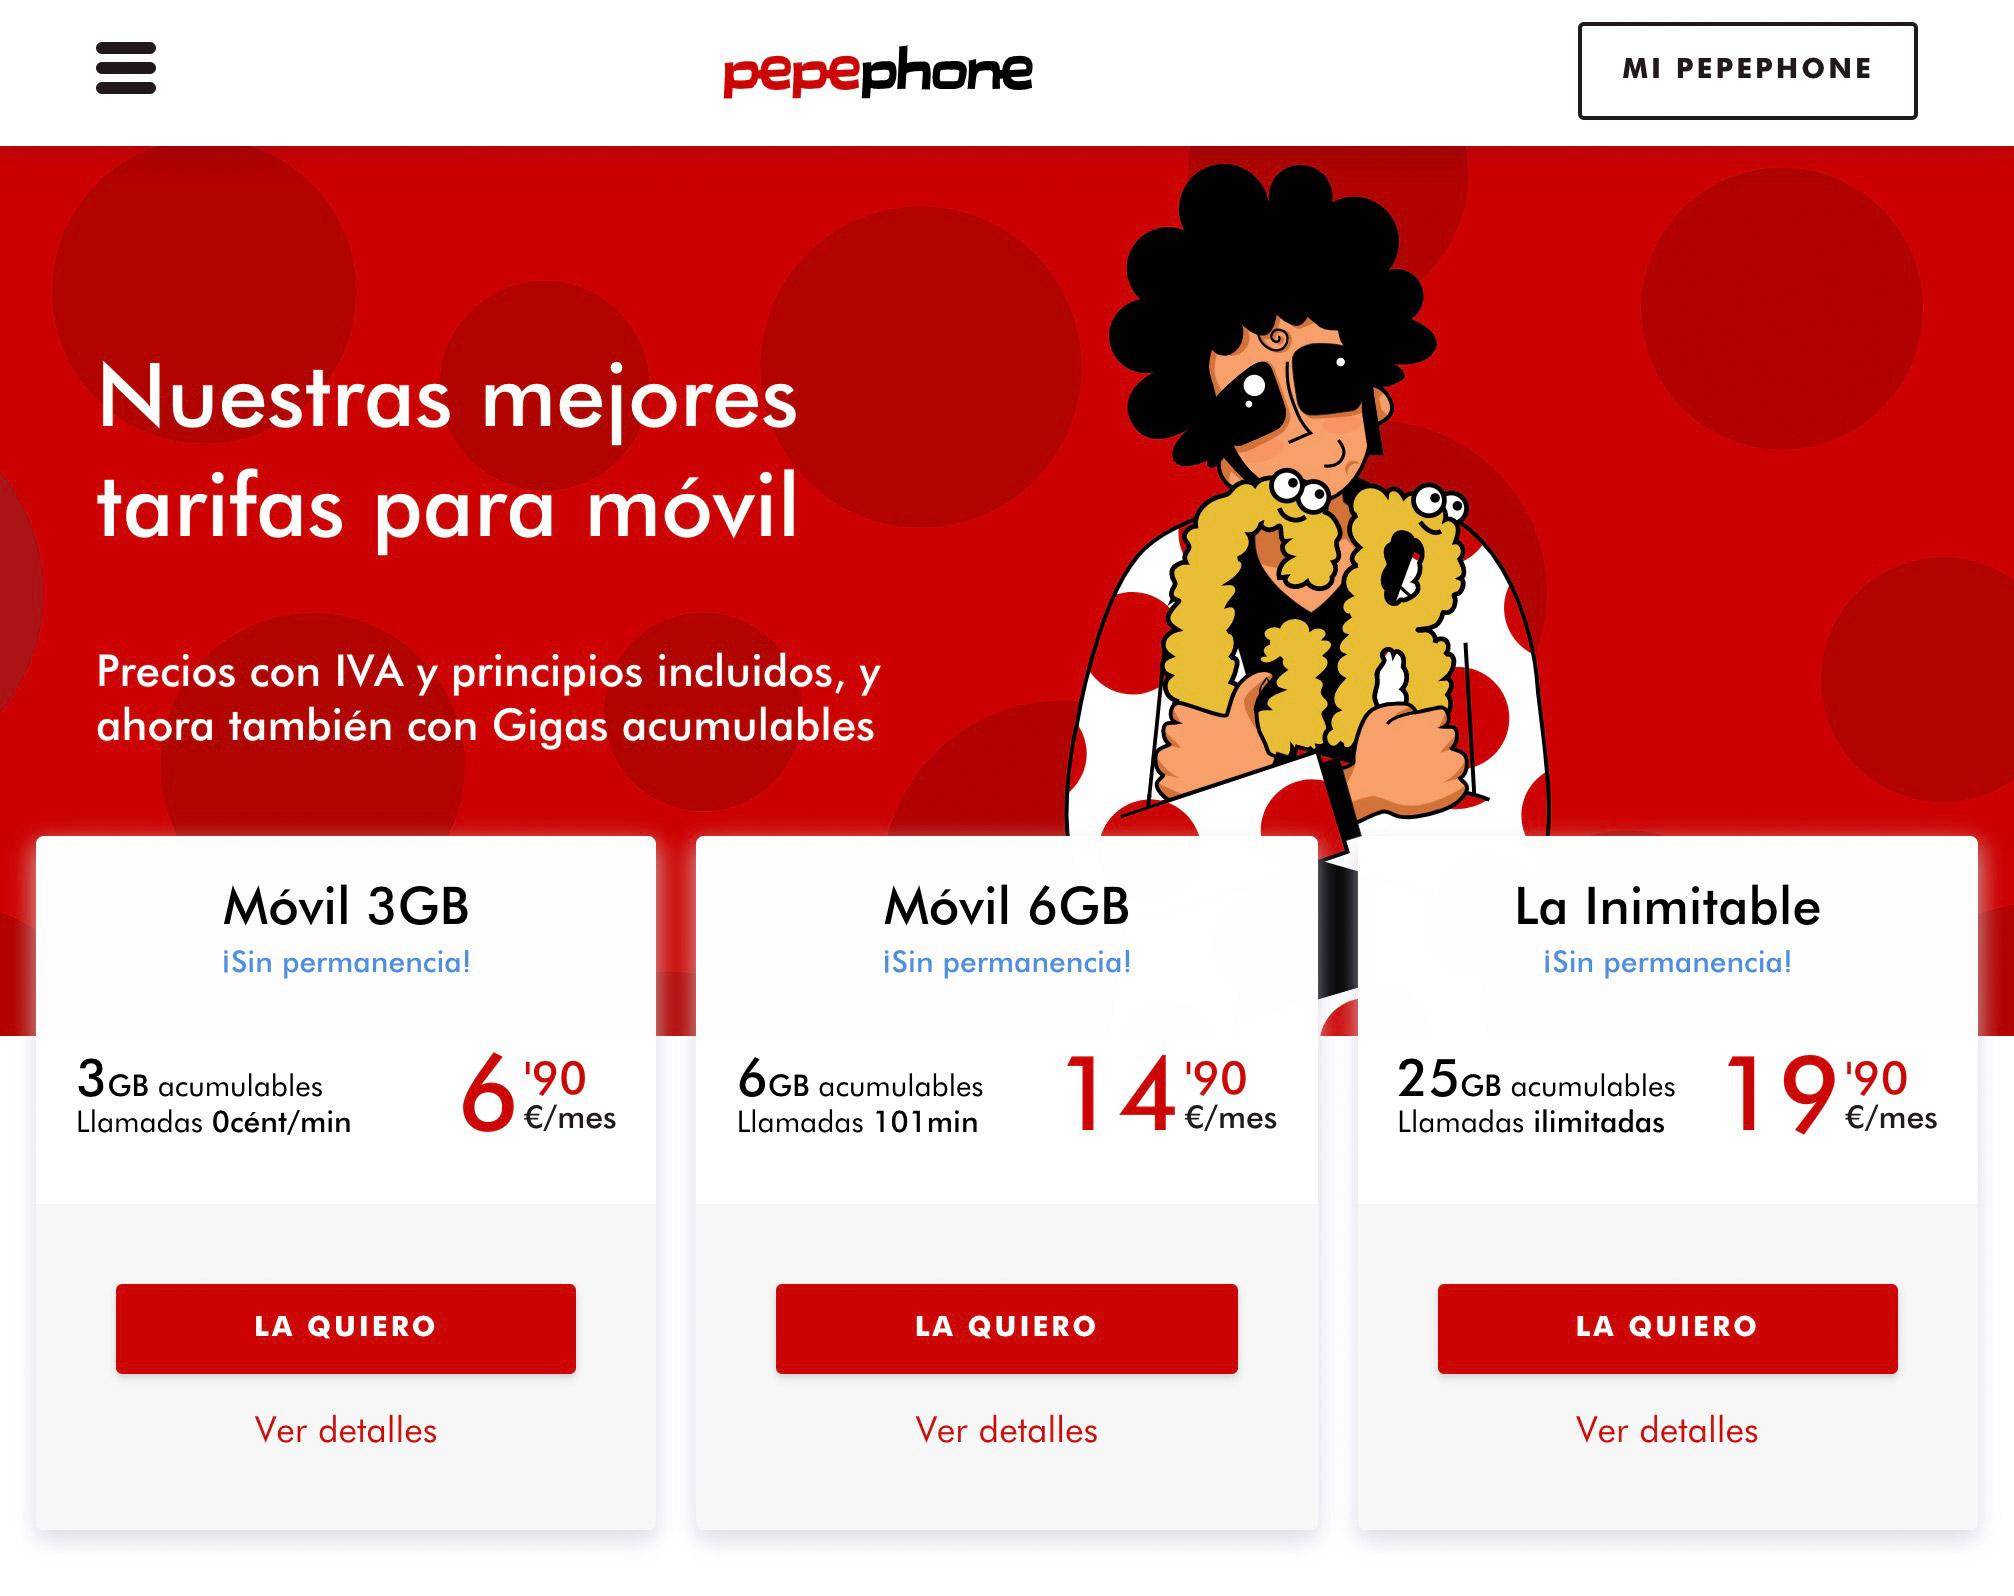 Тарифы моего мобильного оператора Pepephone. Я плачу 20€ в месяц